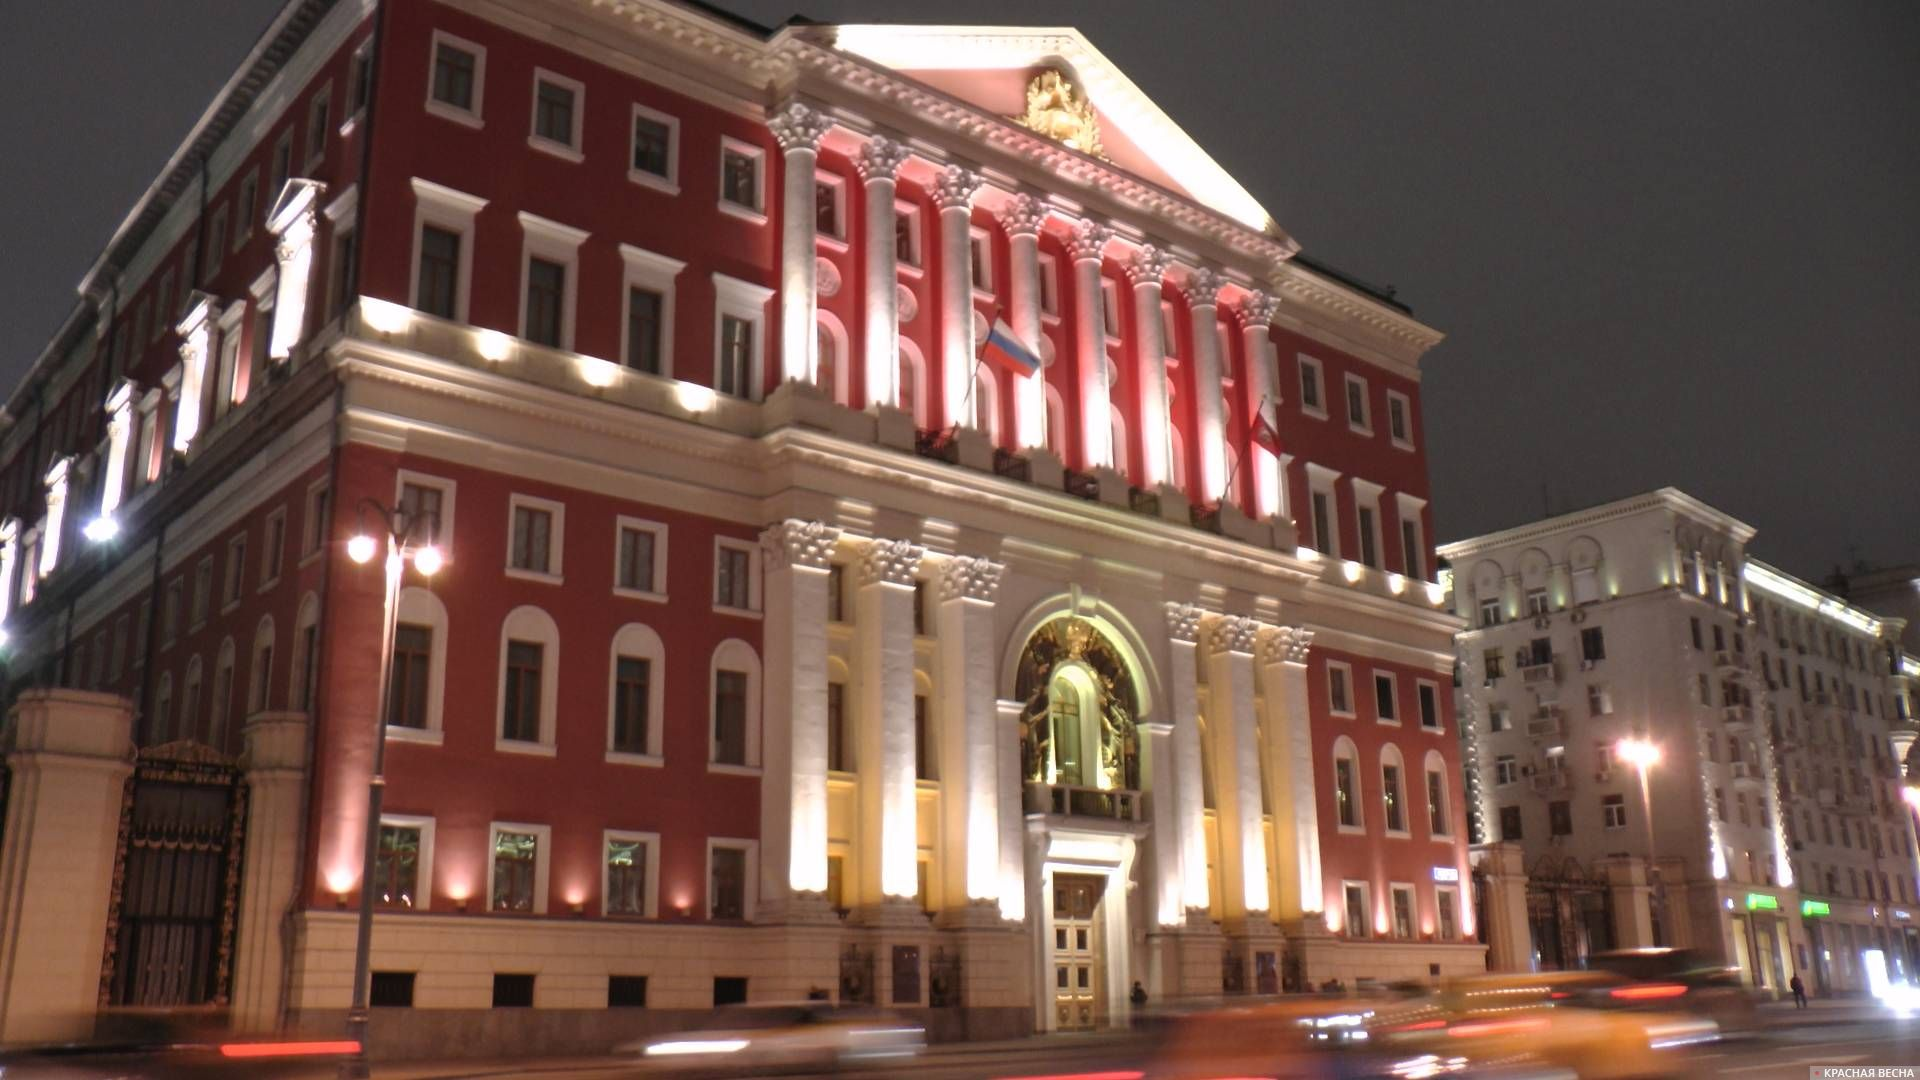 Мэрия Москвы (Правительство Москвы). Москва. 2018